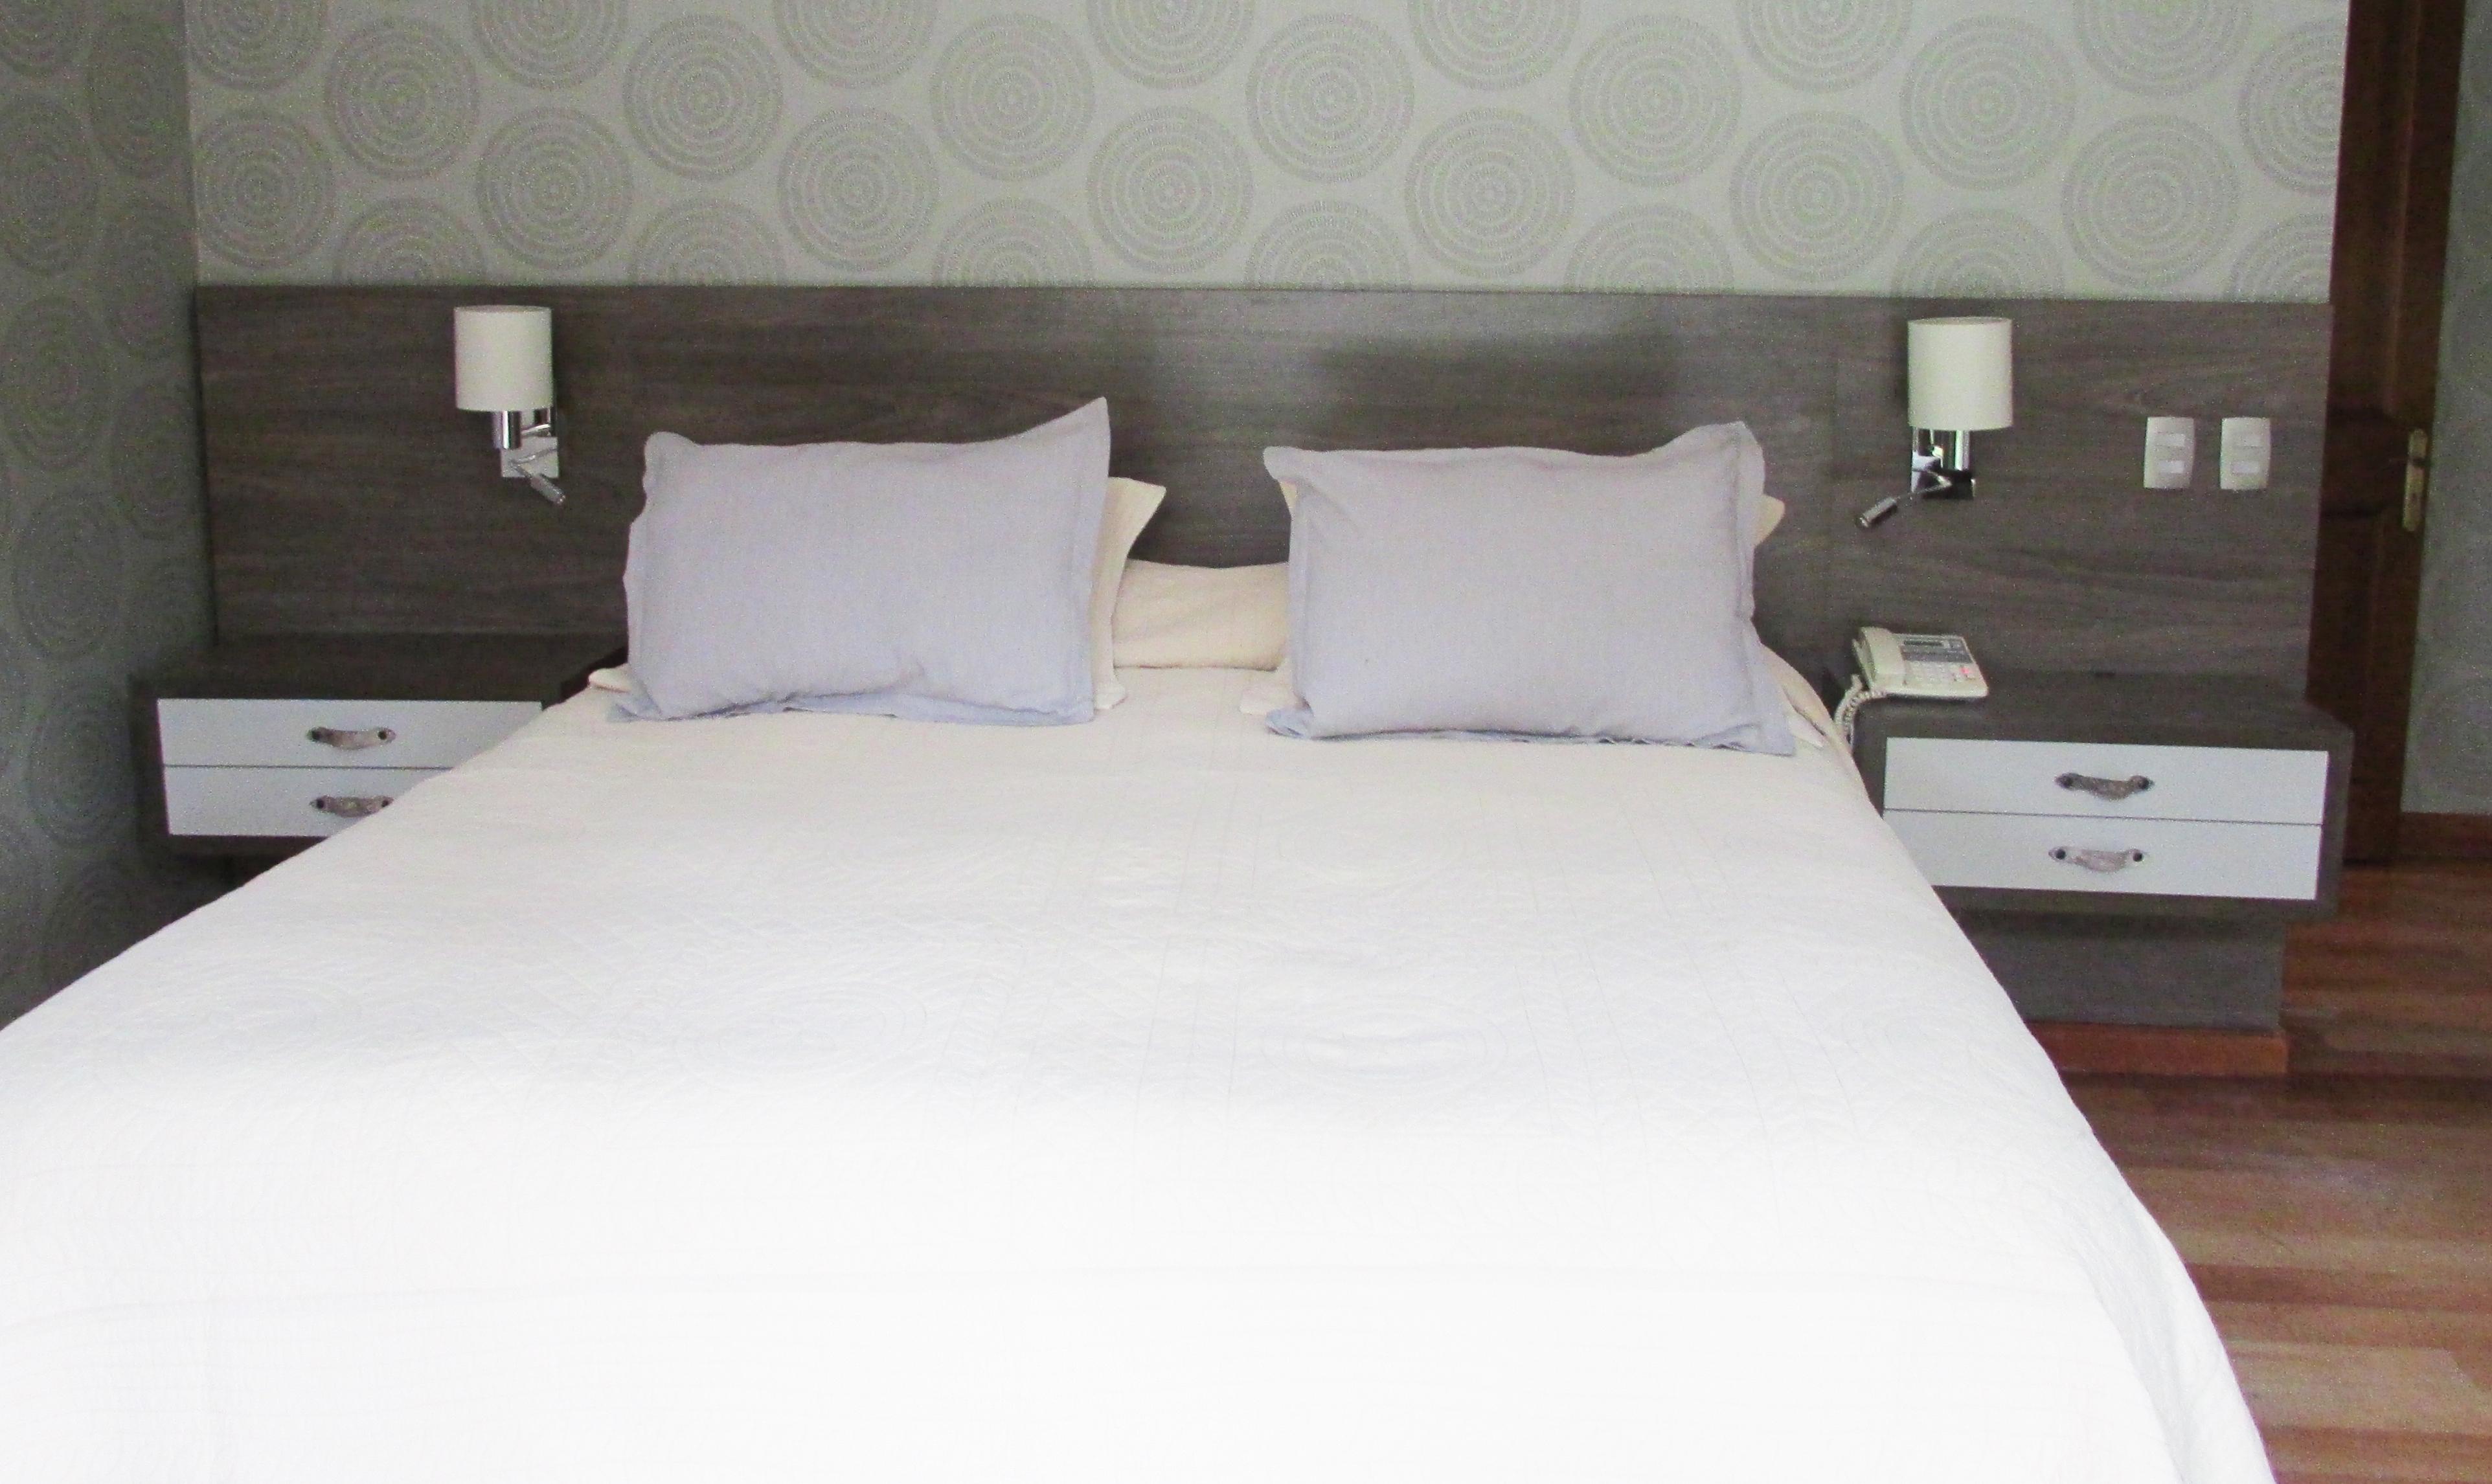 Respaldo de cama ferrari muebles y espacios - Respaldo para cama ...